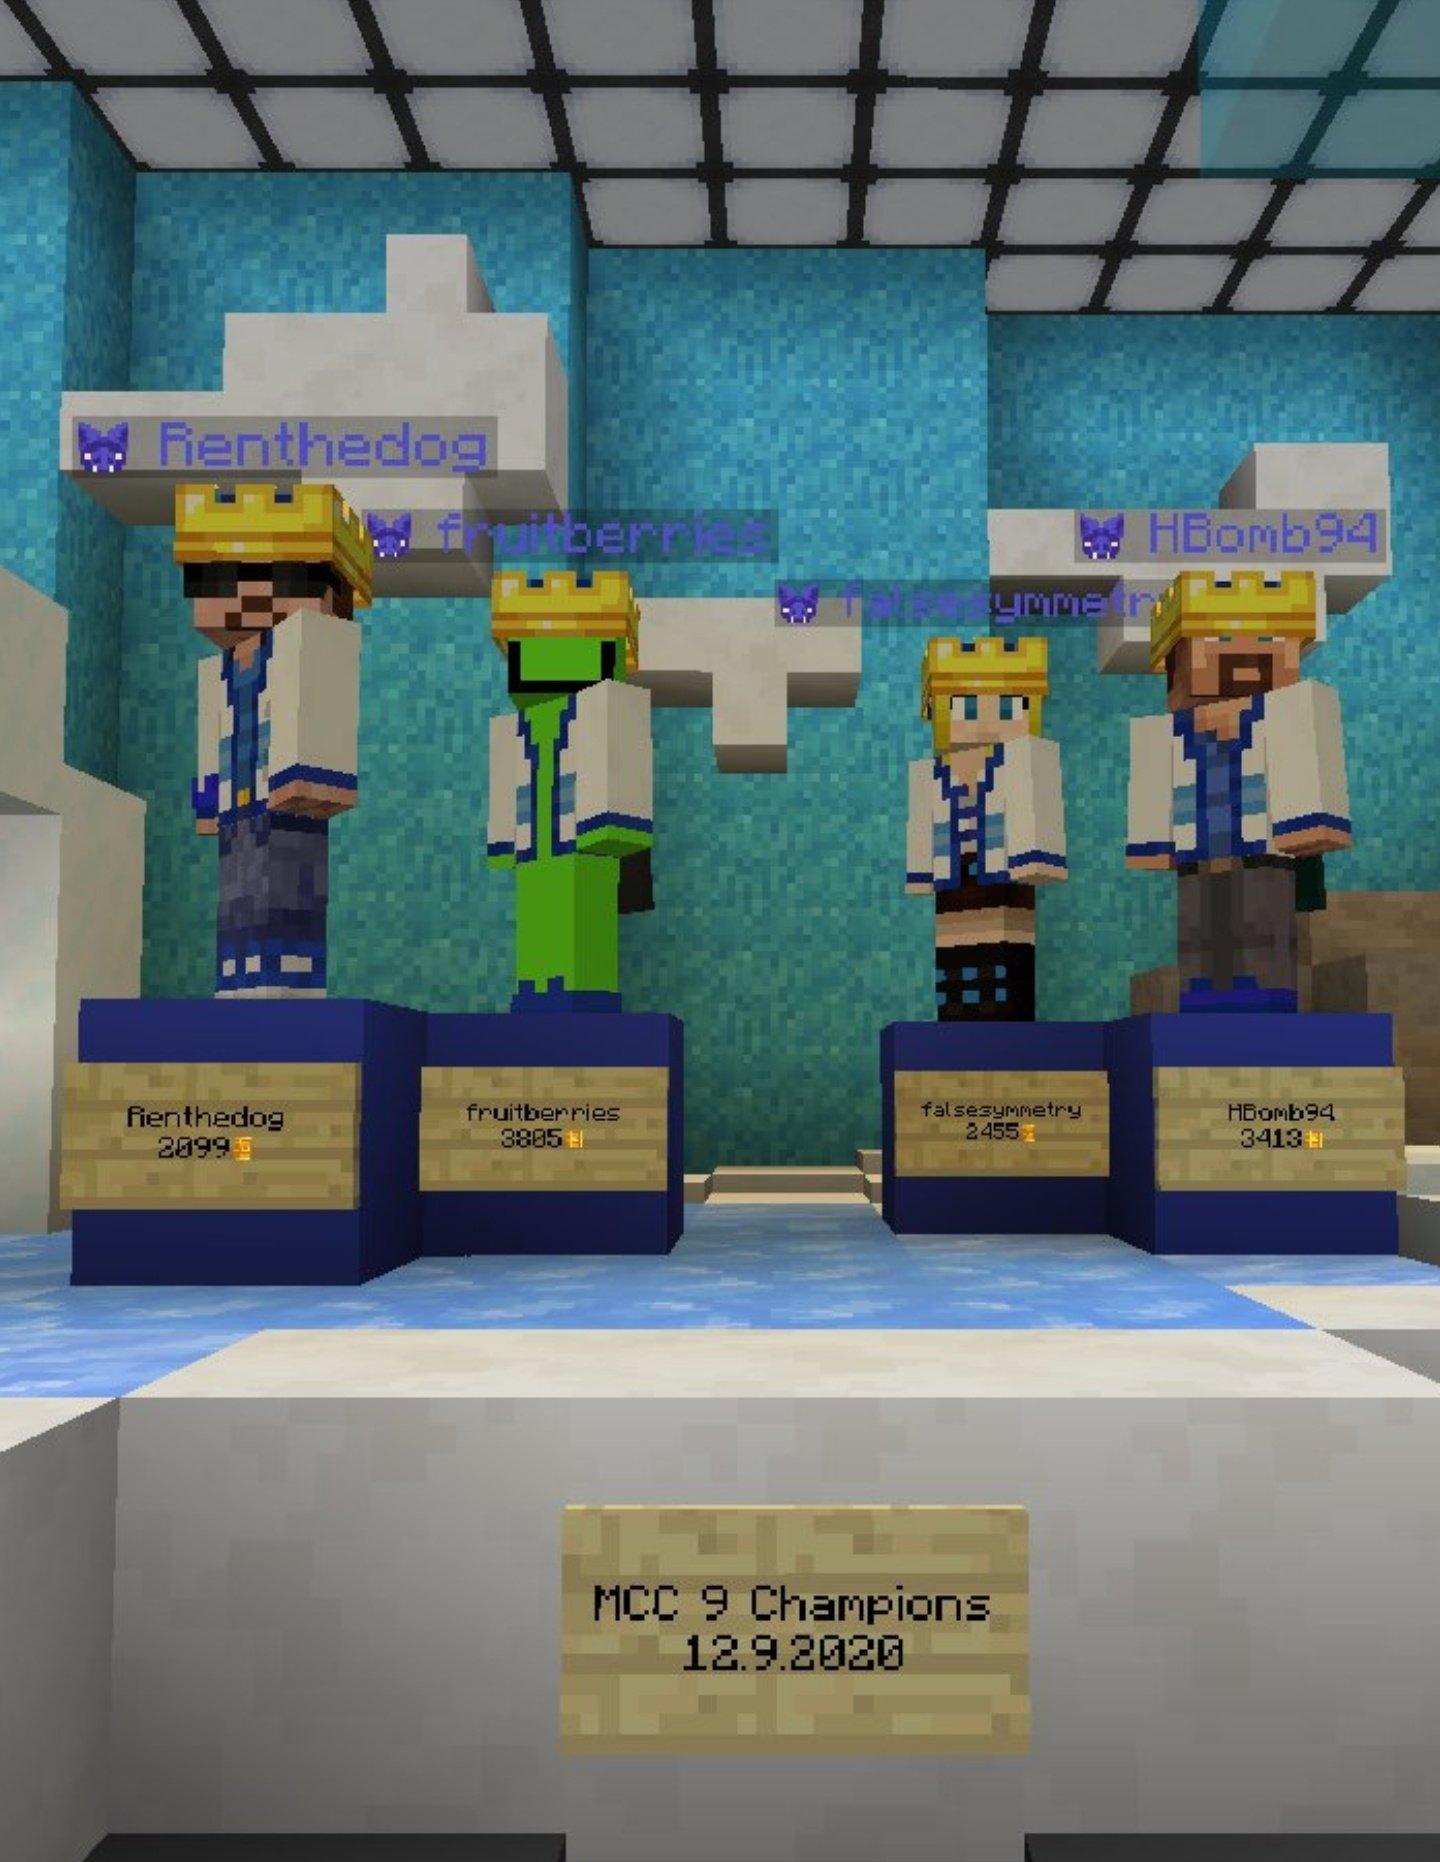 <p>@everyone WE DID IT CYBERDOGS!!! WE FREAKING WON!!!!! :D:D:D:D:D:D:D:D:D RD</p>